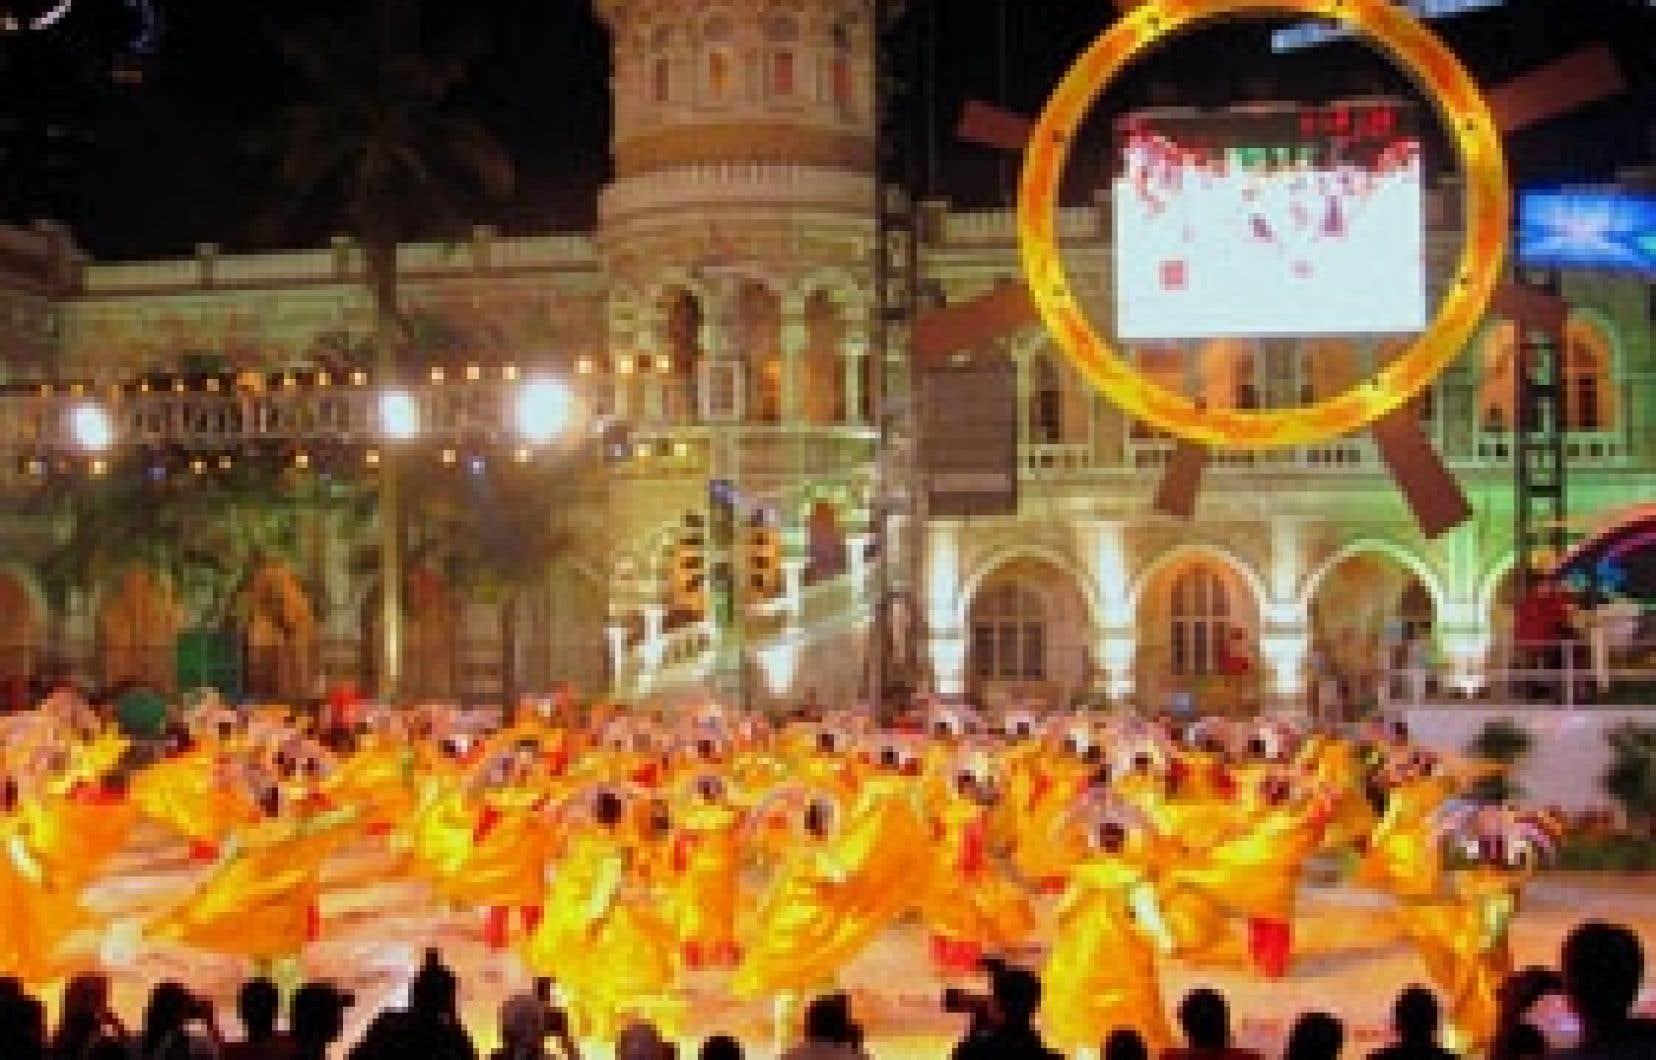 Citrawarna est la fête culturelle colorée qui fait danser 5000 participants venus de toutes les régions de la Malaisie. Ci-dessous: épuisées par trois heures d'ébats musicaux, des danseuses sourient au terme de cette gigantesque parade annuelle a